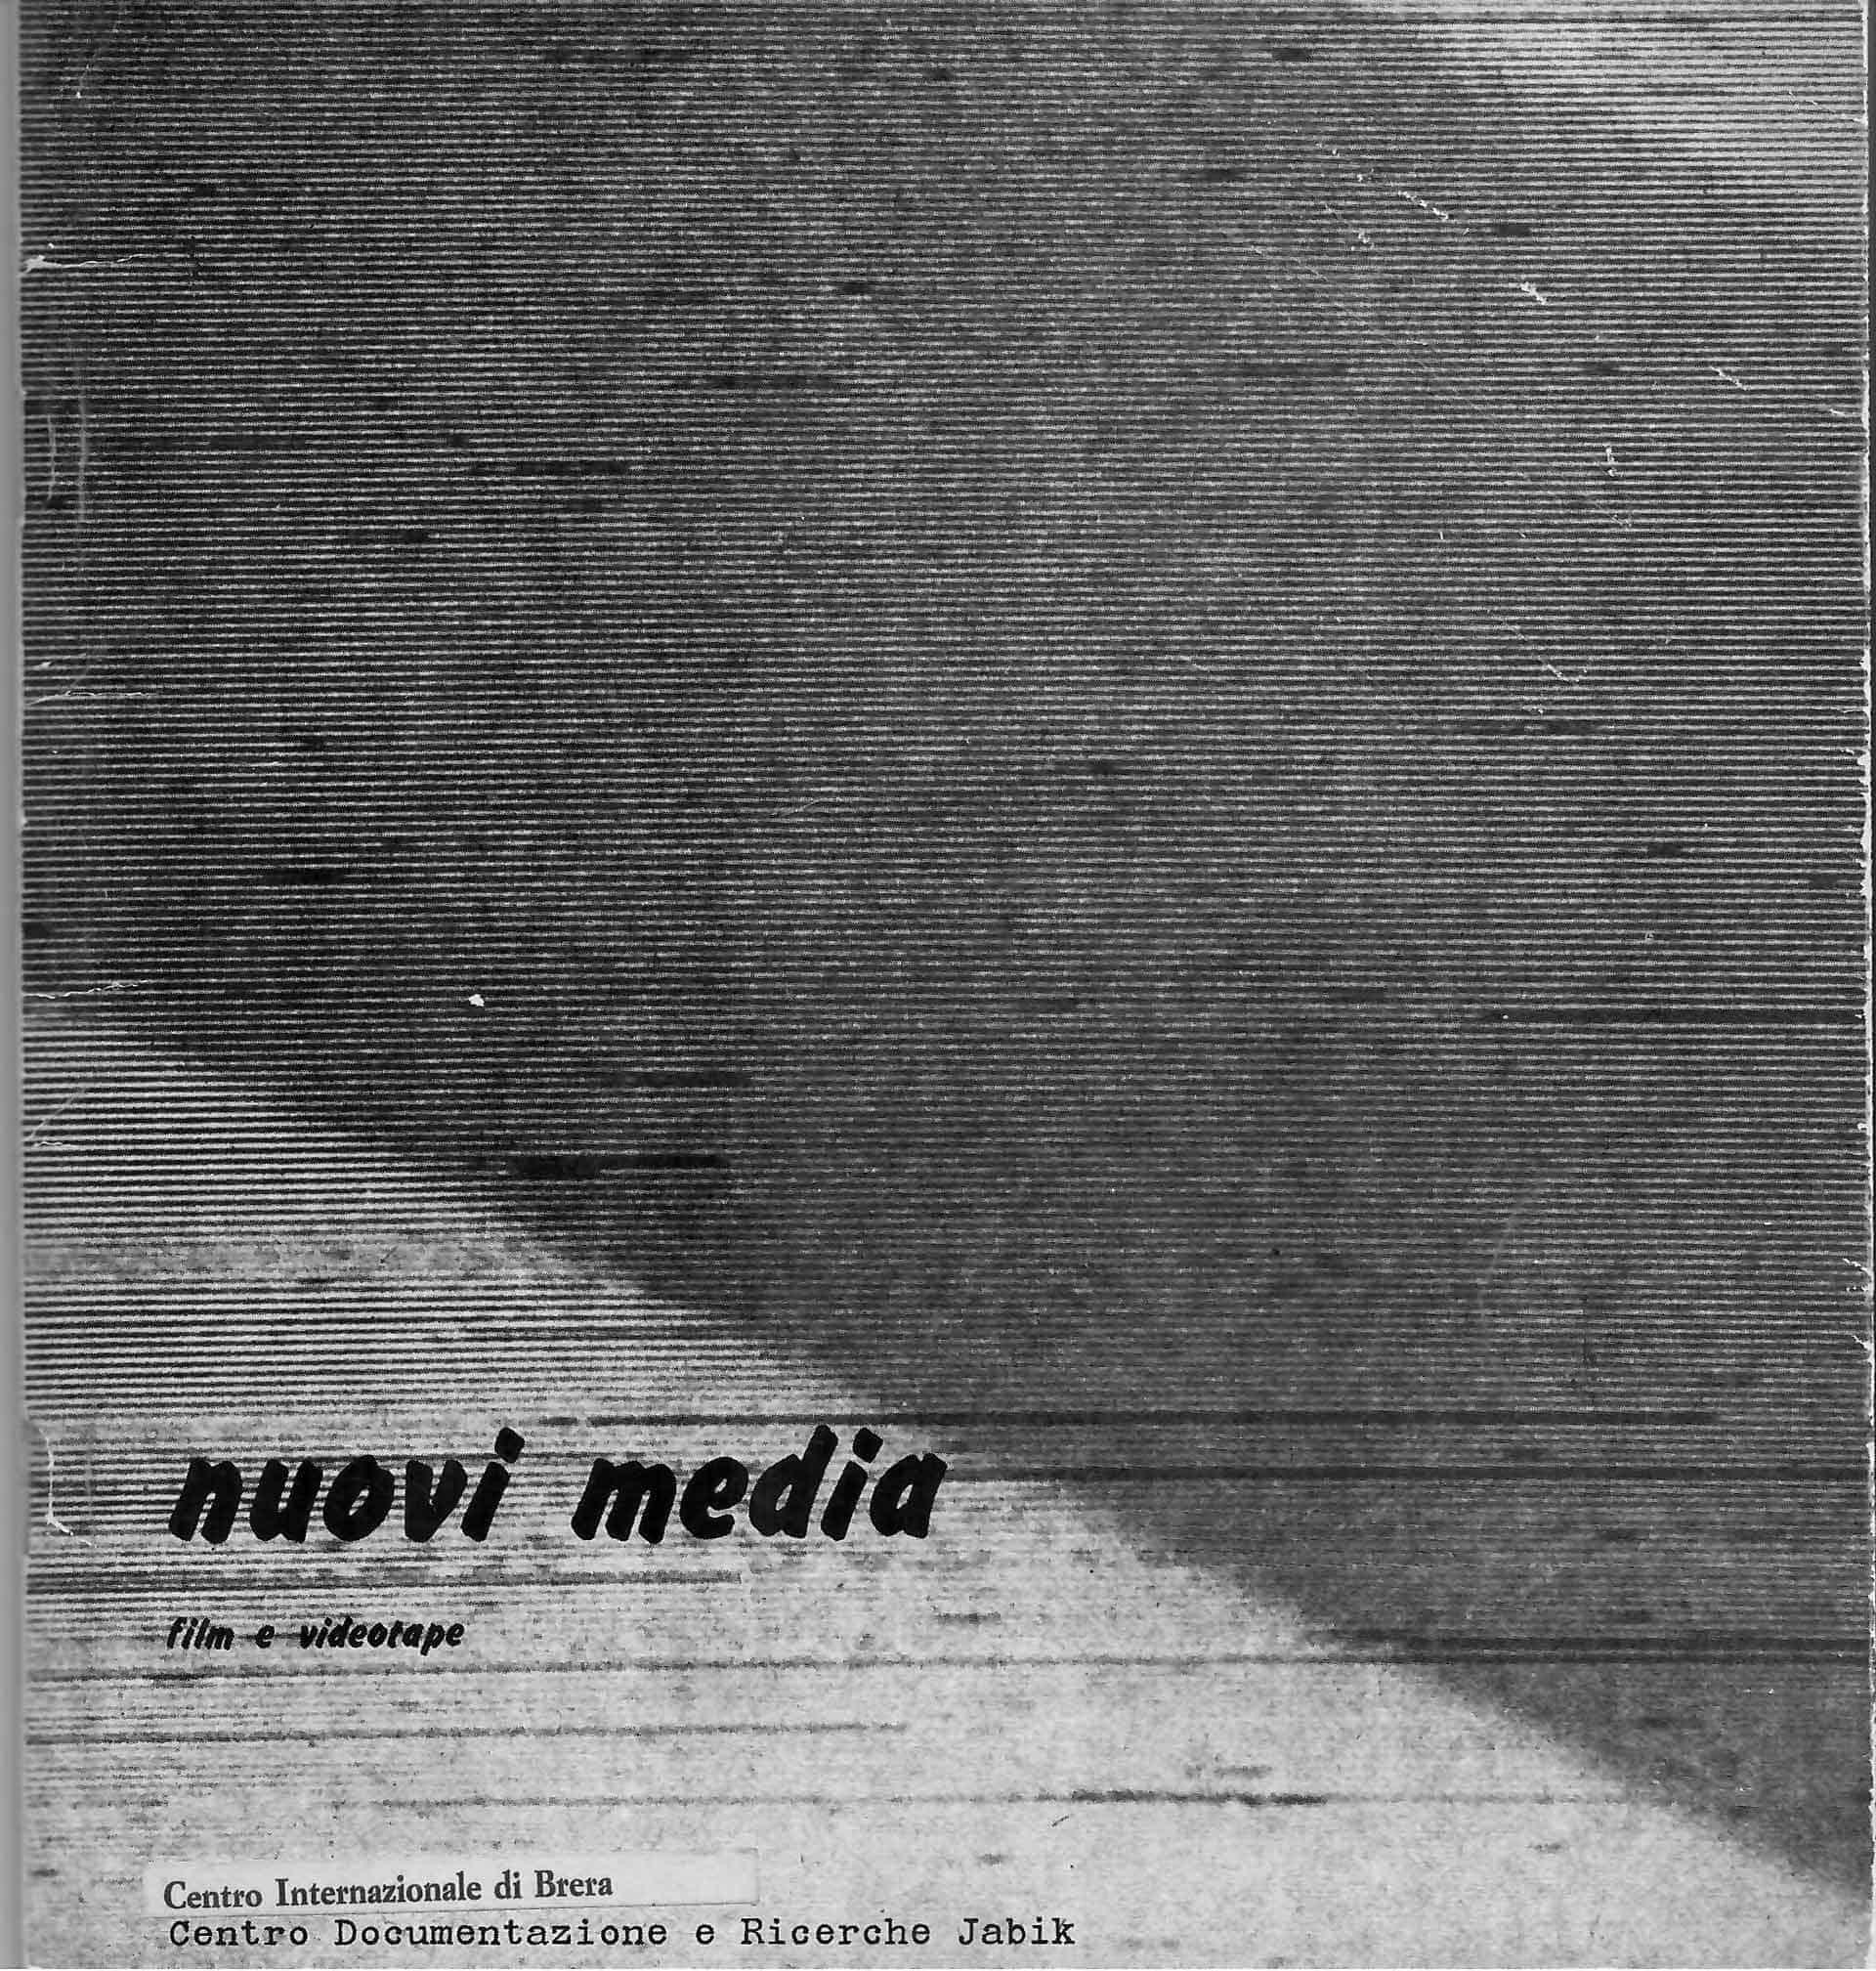 Copertina del catalogo della rassegna «Nuovi media. Film e videotape», a cura di Germano Celan, Jole de Sanna, Daniela Palazzoli, Lea Vergine, 27-30 maggio 1974, Centro Internazionale di Brera, Milano.